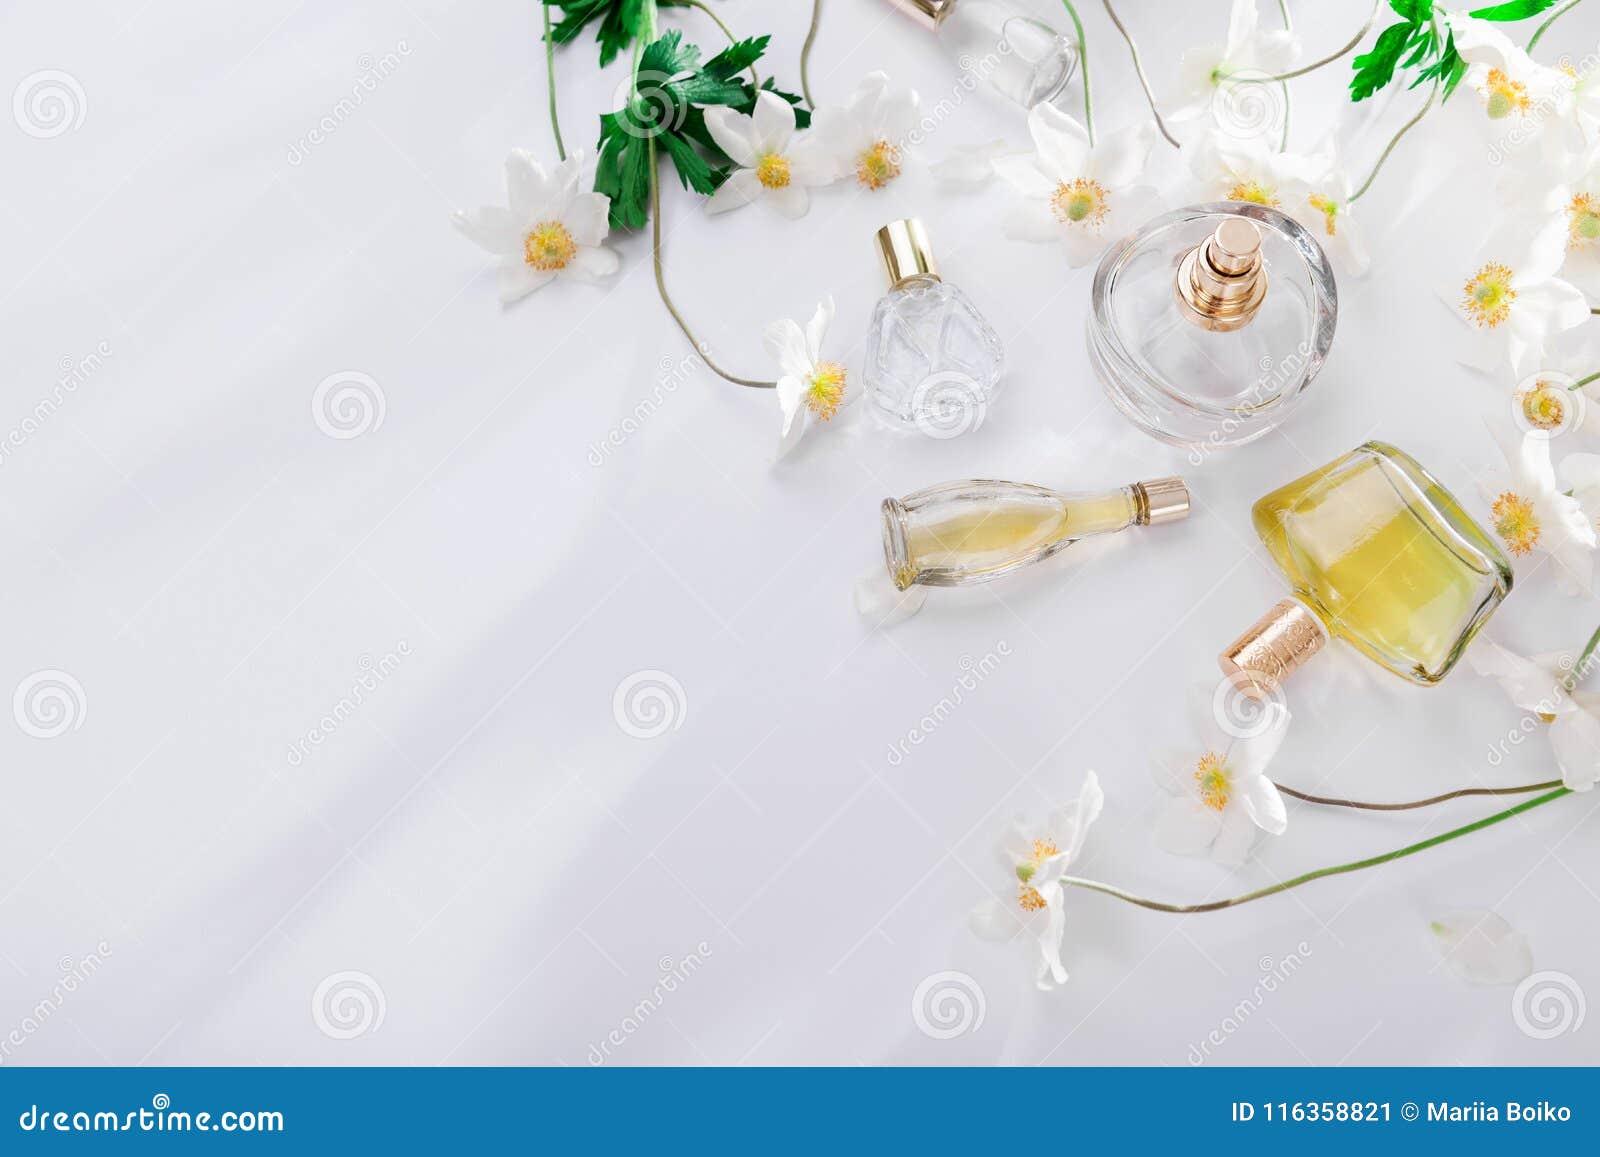 Natürliches Parfümkonzept Flaschen Parfüm mit weißen Blumen Blumenduft